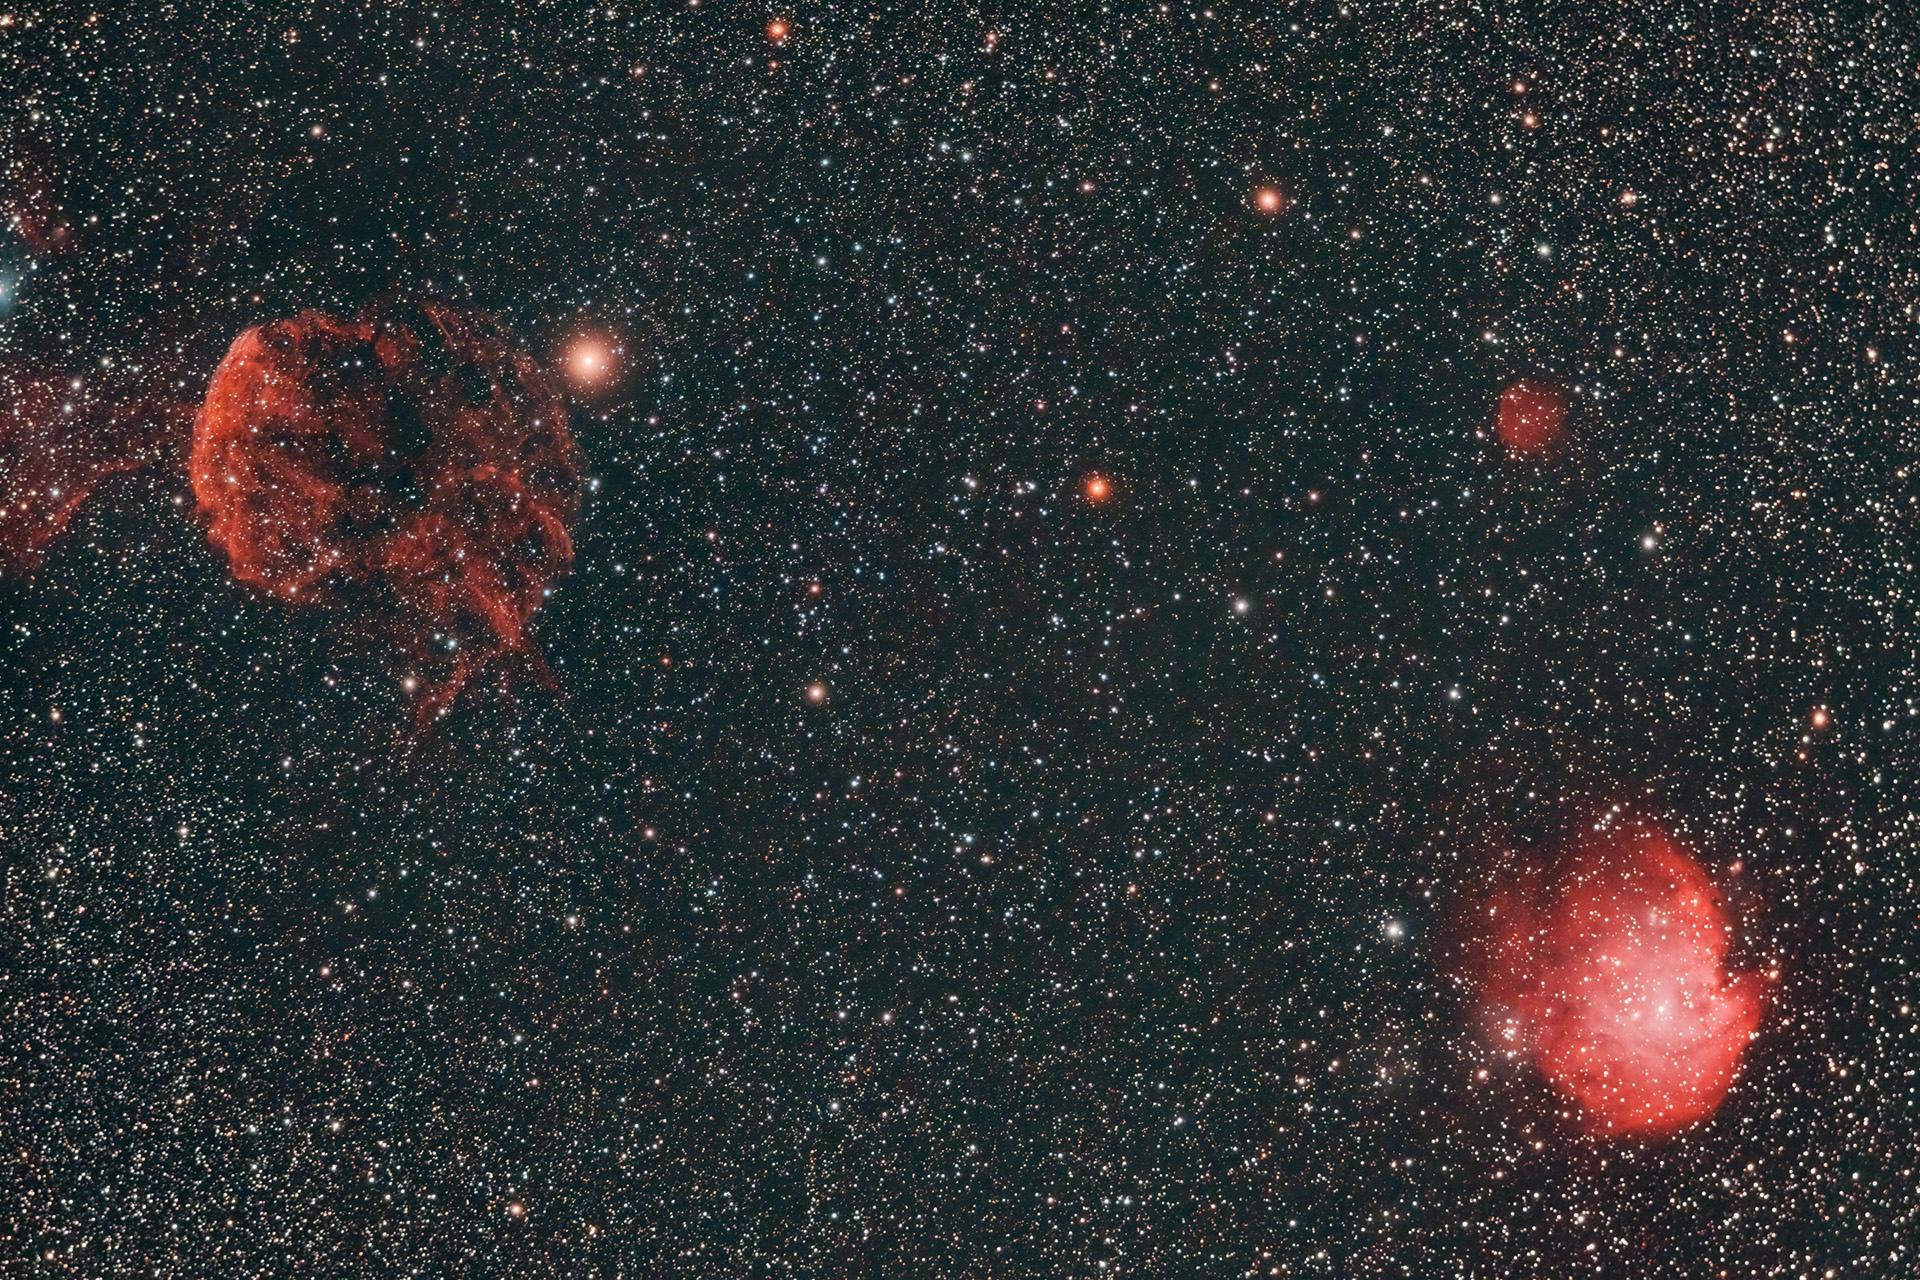 20210305-NGC2174-IC443-cls-TS70-R0.80-XT1-1600-66X125s-D19-F20-OF64-SIRIL-ASF-PS-3-1920.jpg.82930ed1fba917a3940110fde0527d81.jpg